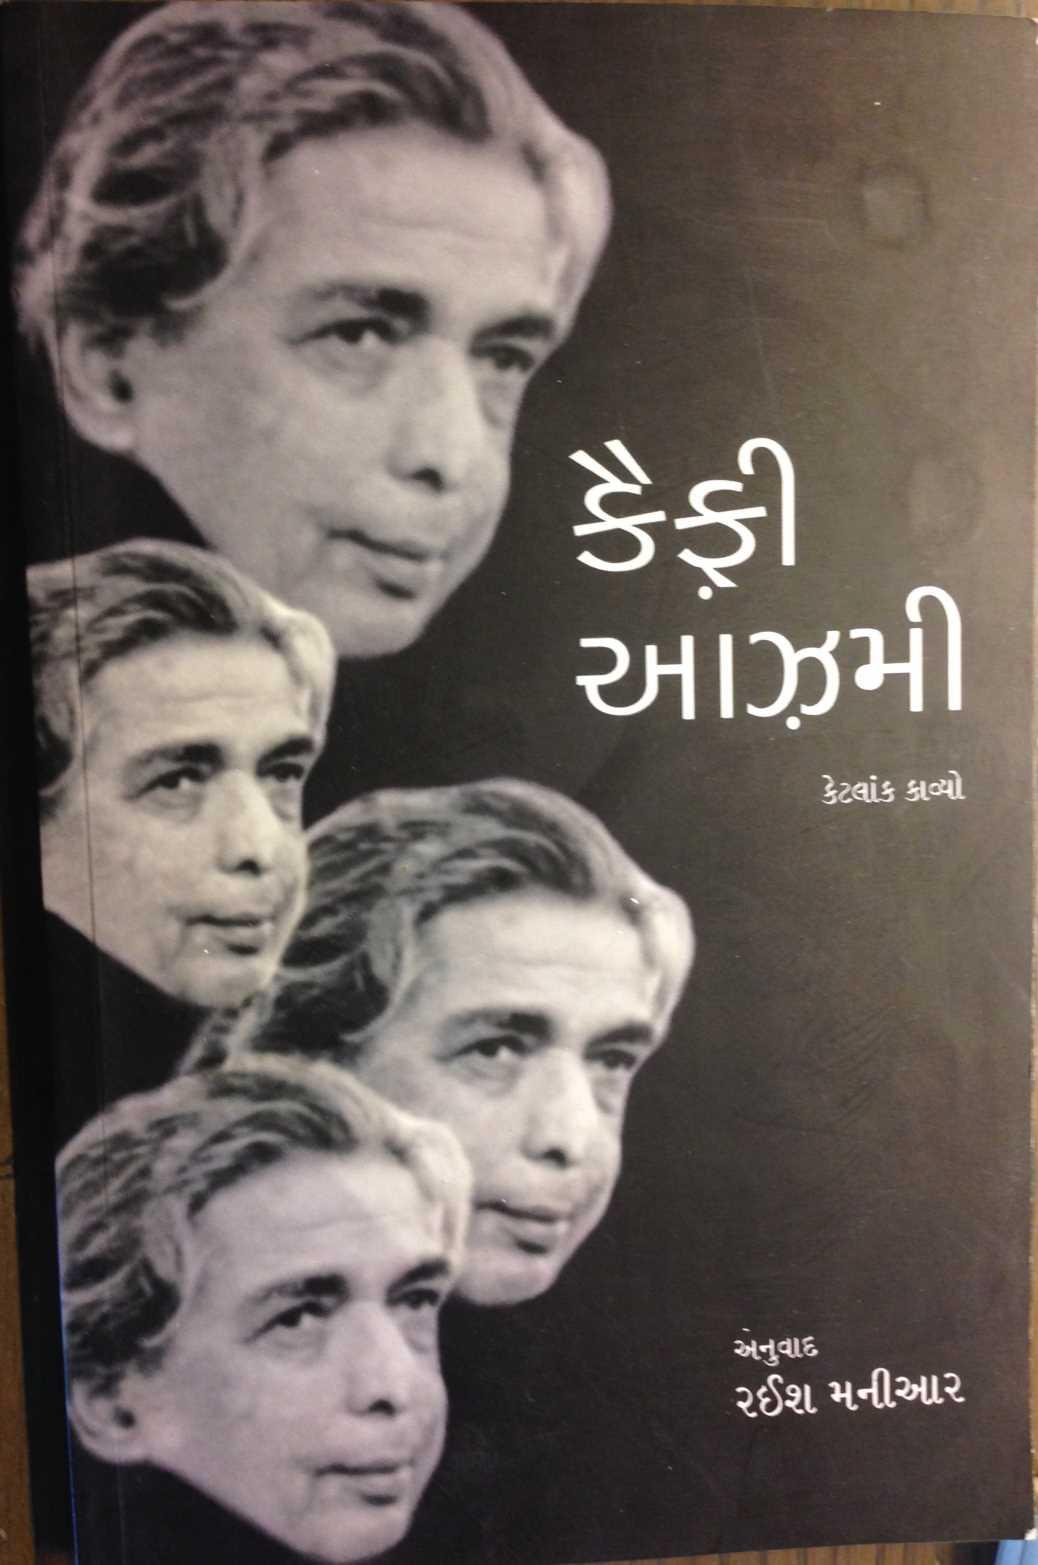 Kaif Azmi - Gujrati